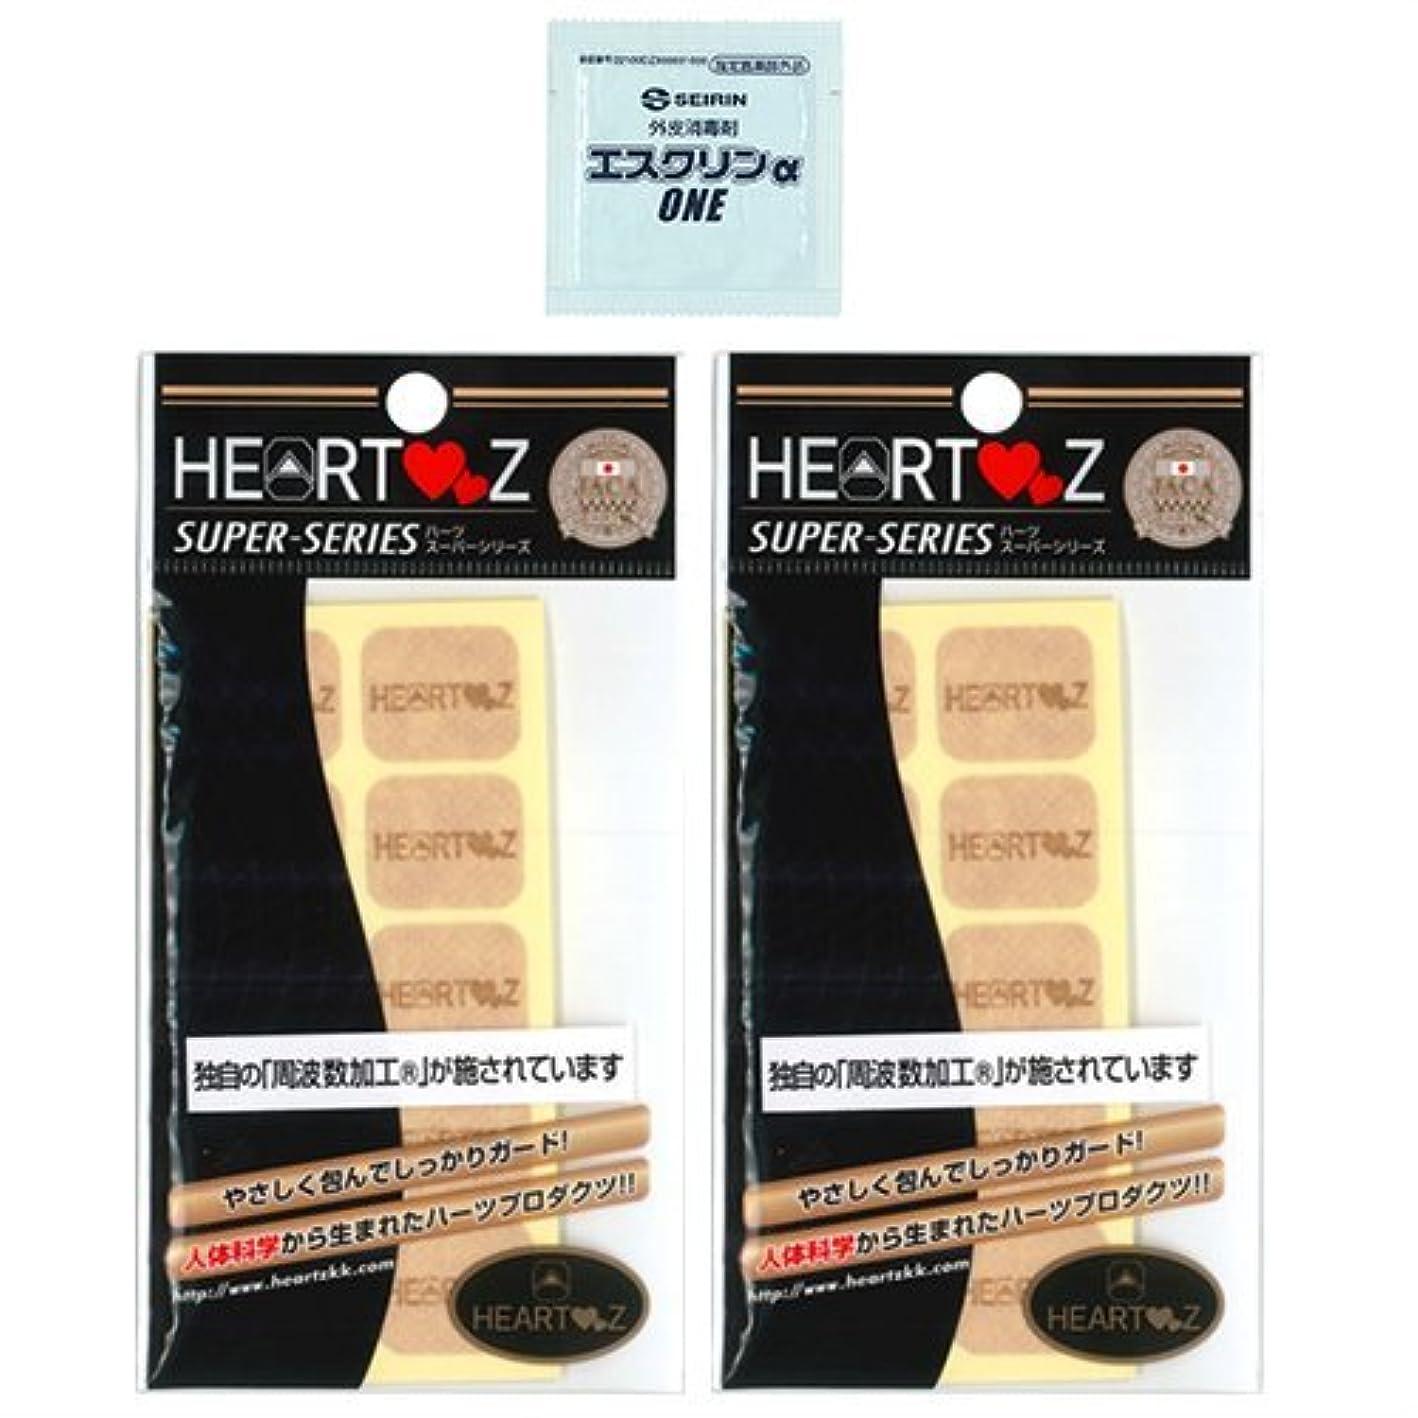 アライアンス半径いわゆる【HEARTZ(ハーツ)】ハーツスーパーシール レギュラータイプ 80枚入×2個セット (計160枚) + エスクリンαONEx1個 セット